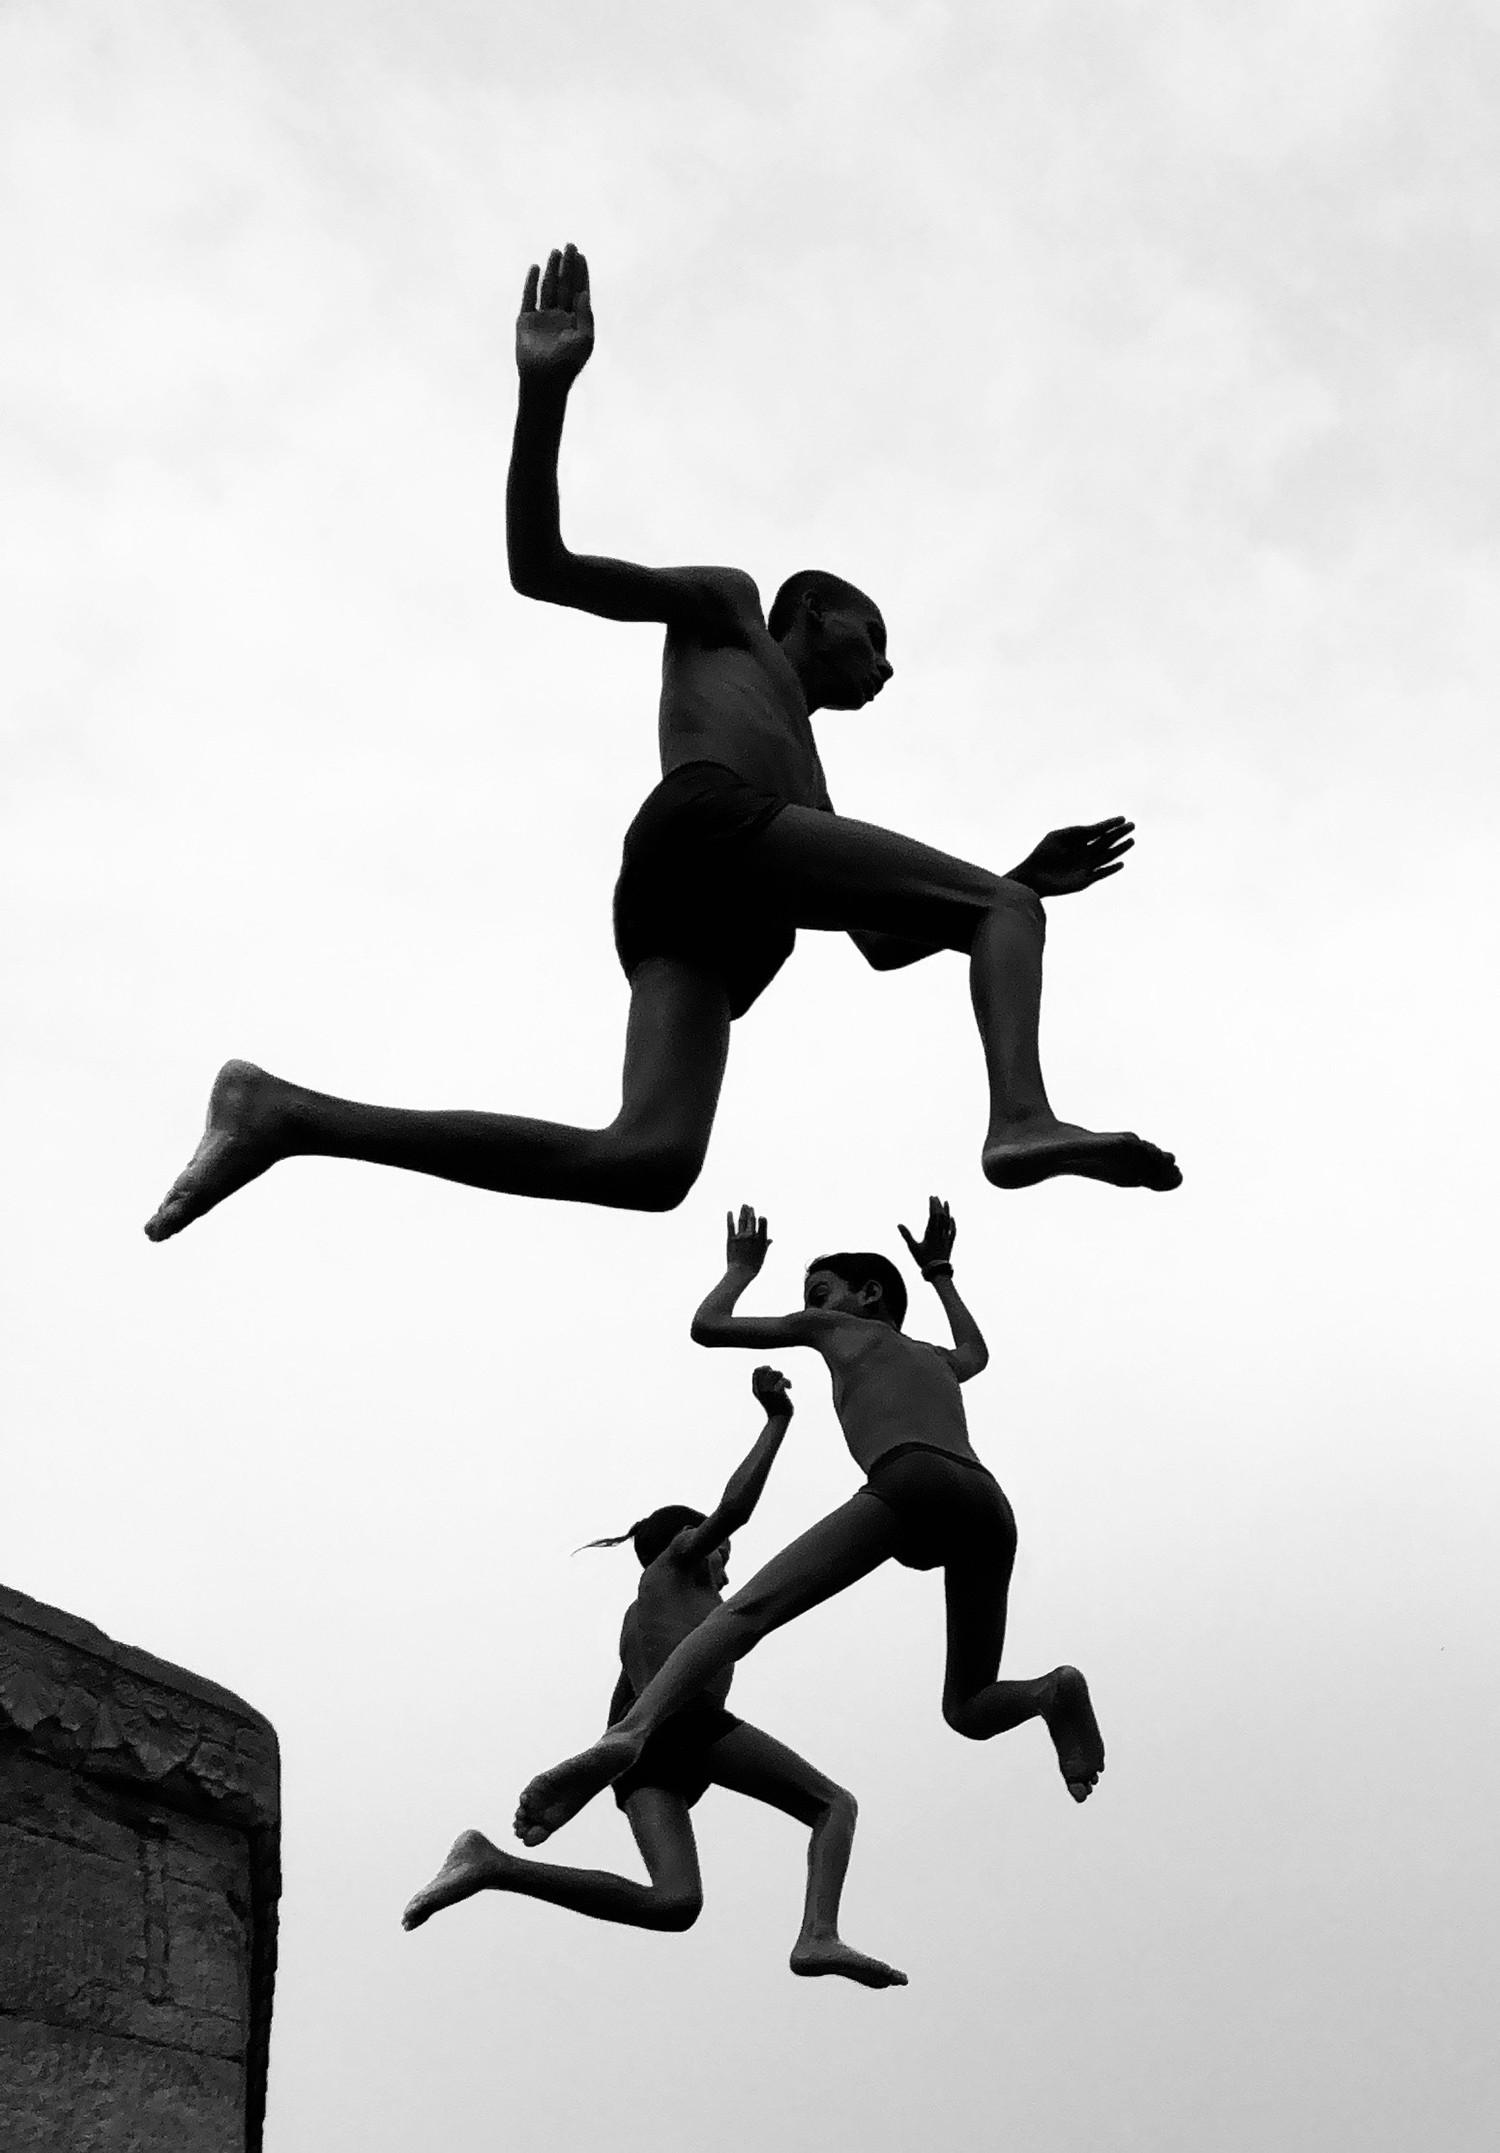 Гран-при, «Фотограф года», 2020. Летающие мальчики, Варанаси, Индия. Автор Димпи Бхалотия